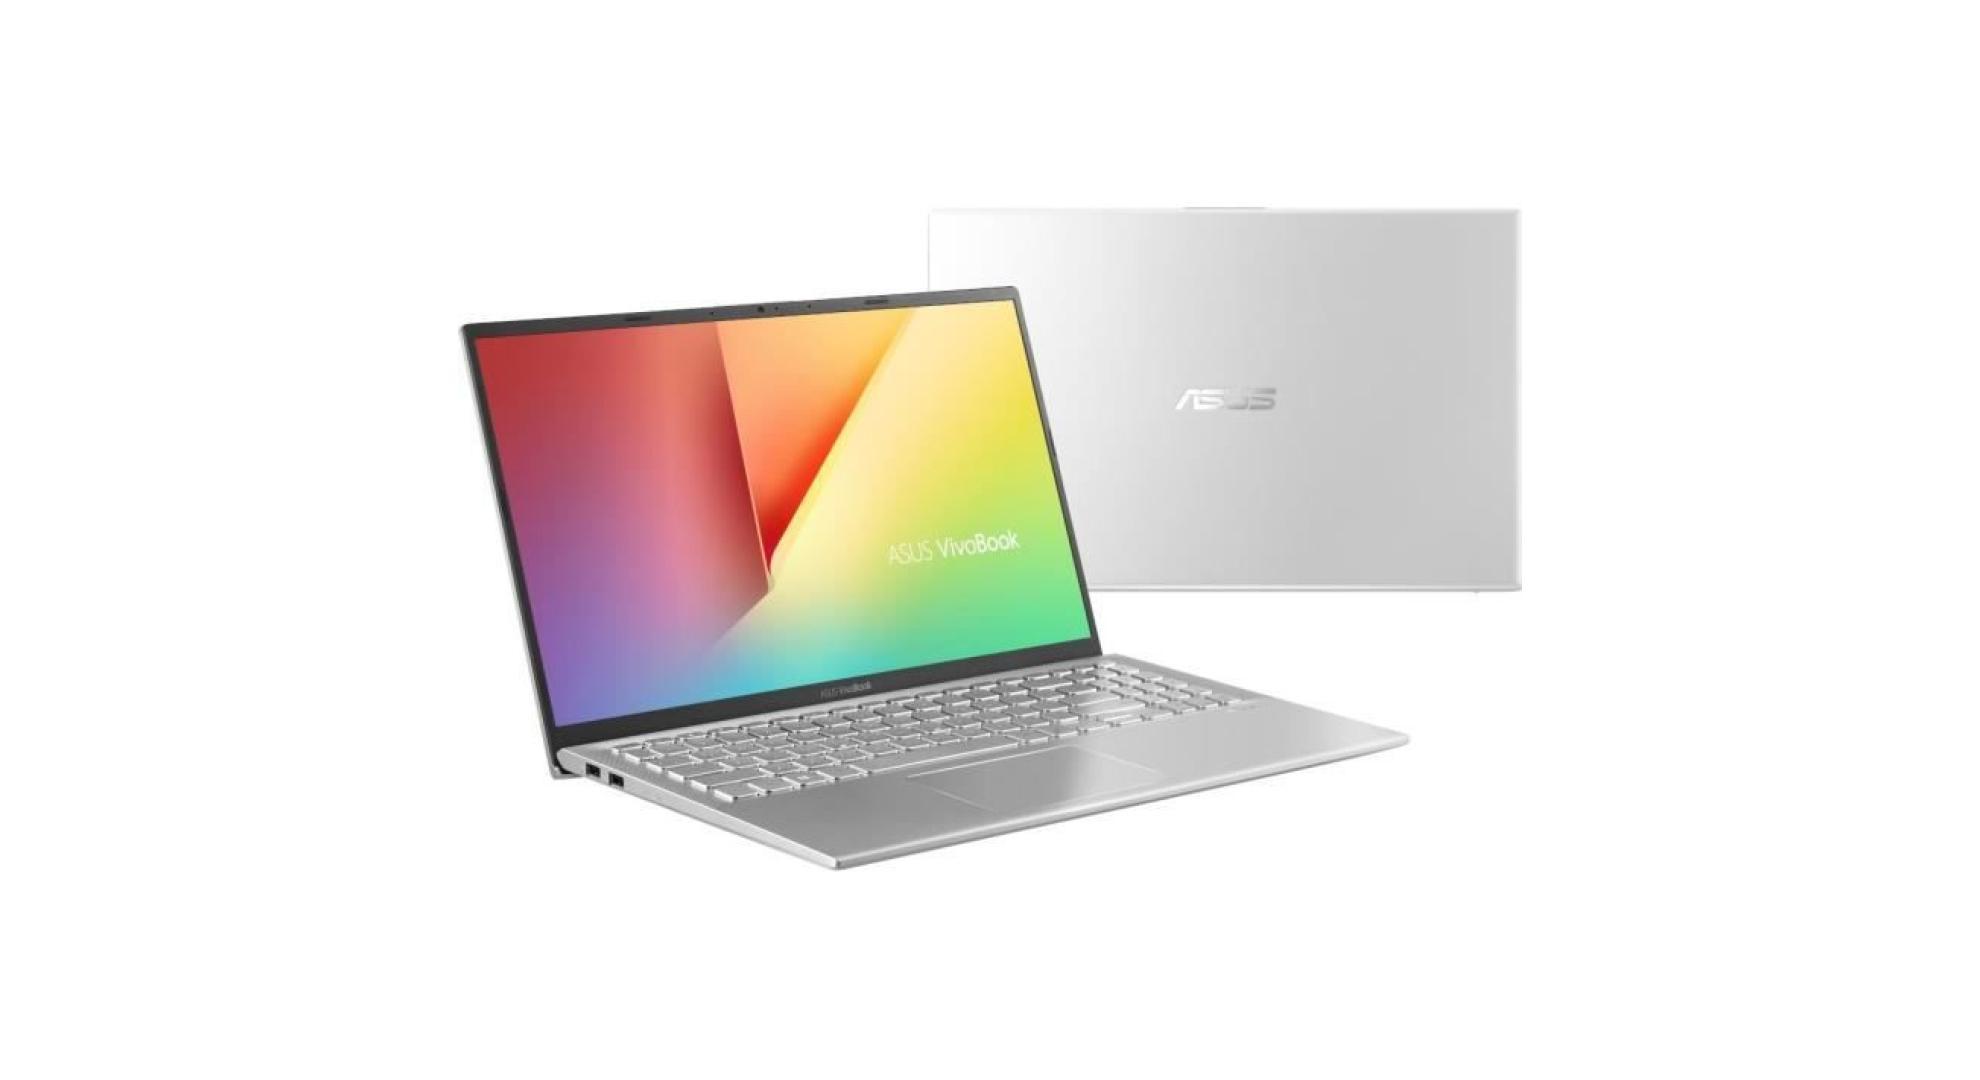 daa418c8c822 L'Asus VivoBook S512DA-EJ315T aujourd'hui proposé à 599 euros est un laptop  performant et compact qui répondra à la majorité des besoins.